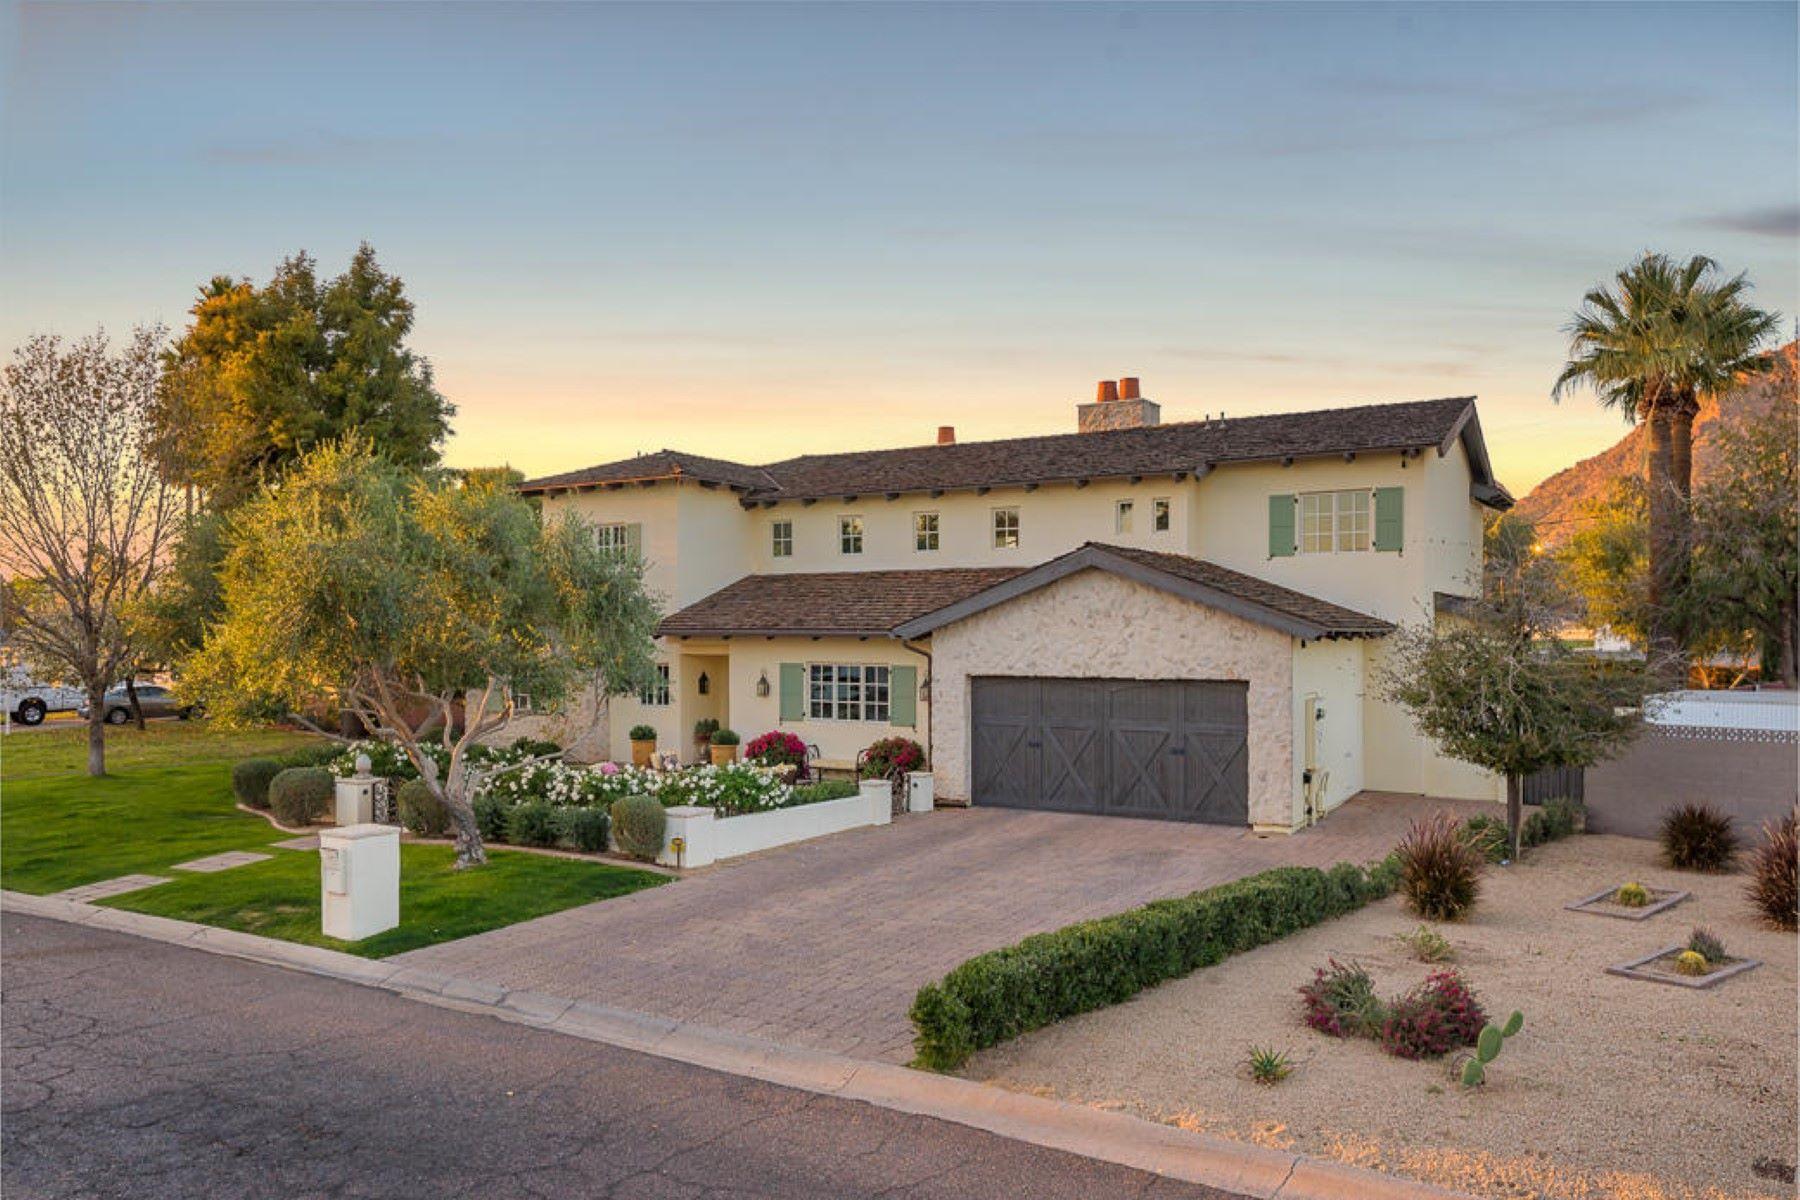 واحد منزل الأسرة للـ Sale في Fabulous Arcadia Family Home 5628 E MONTEROSA ST, Phoenix, Arizona, 85018 United States